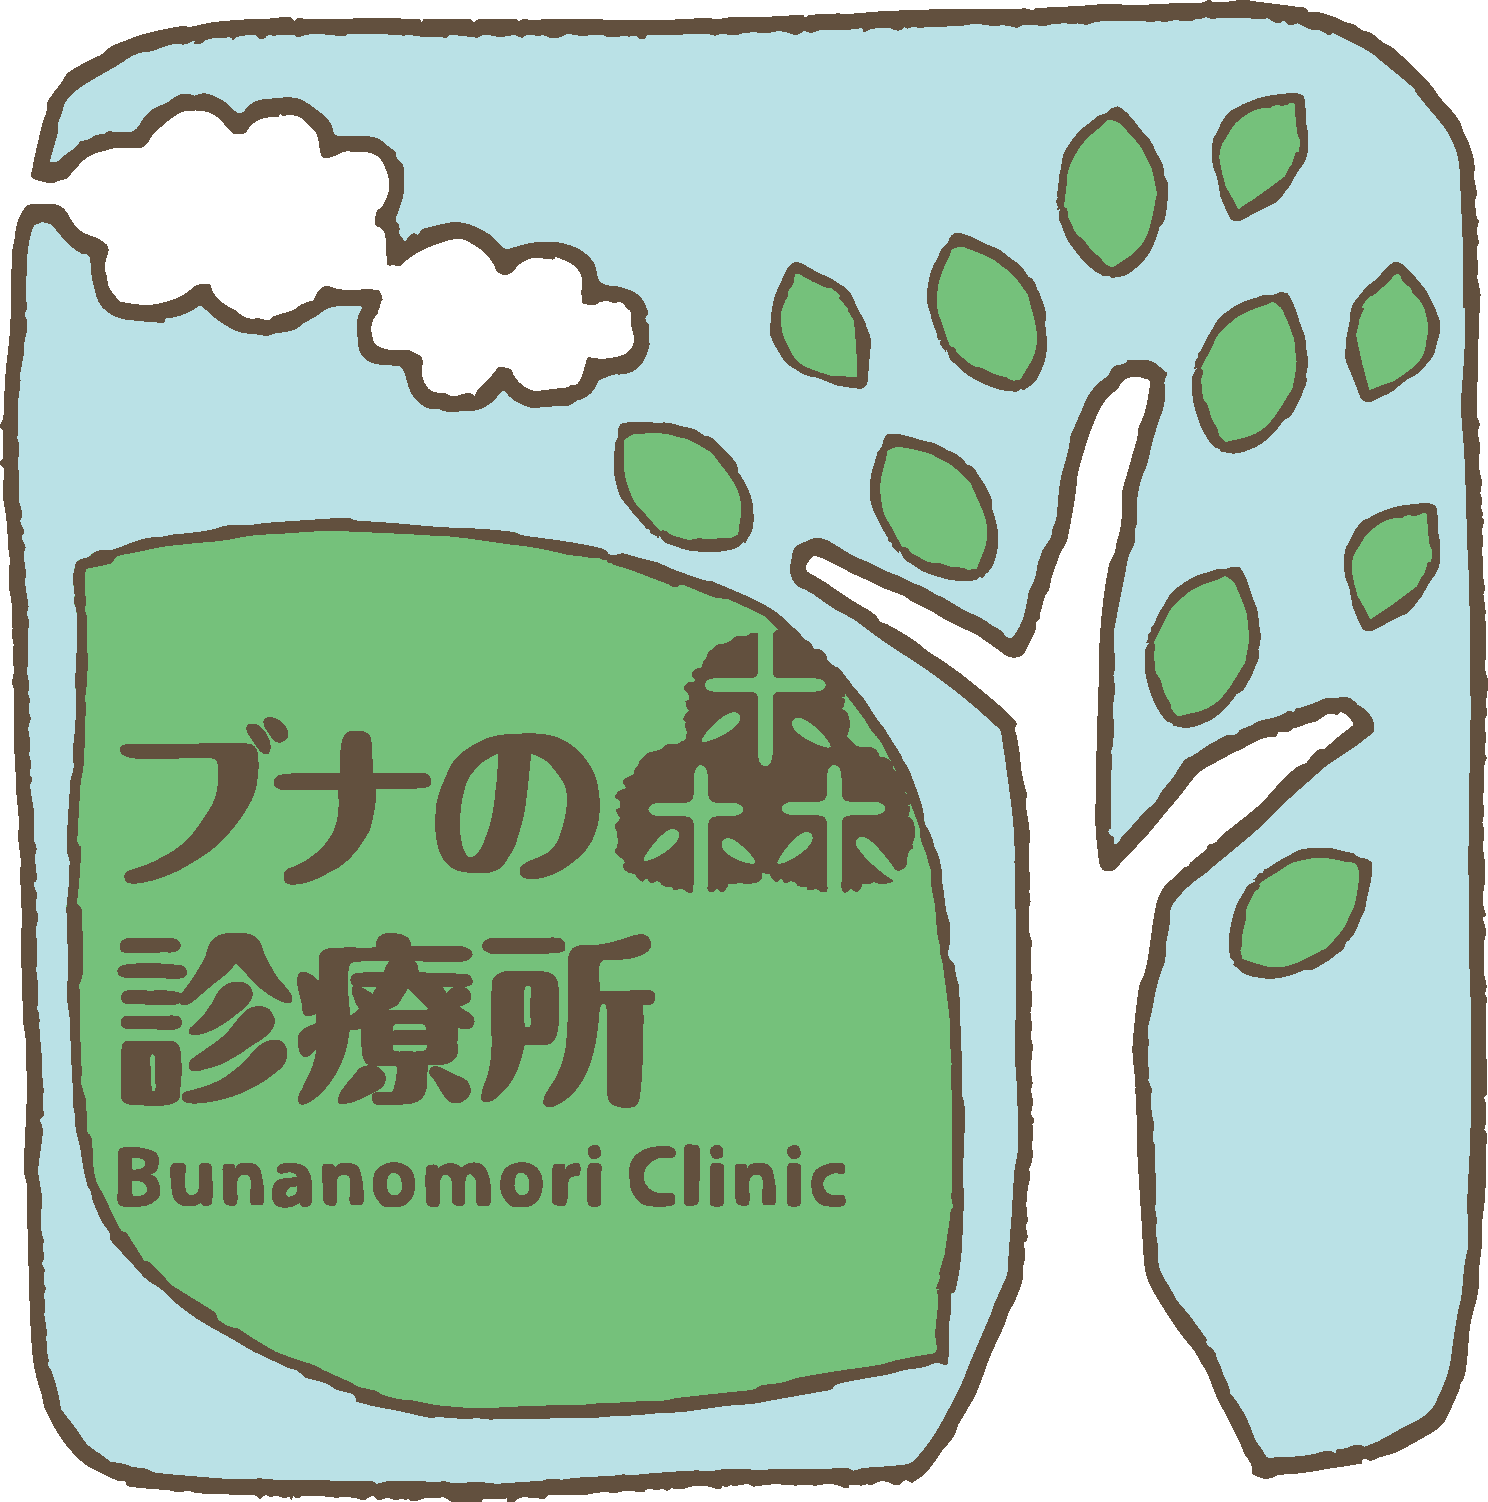 黒松内町国保くろまつないブナの森診療所